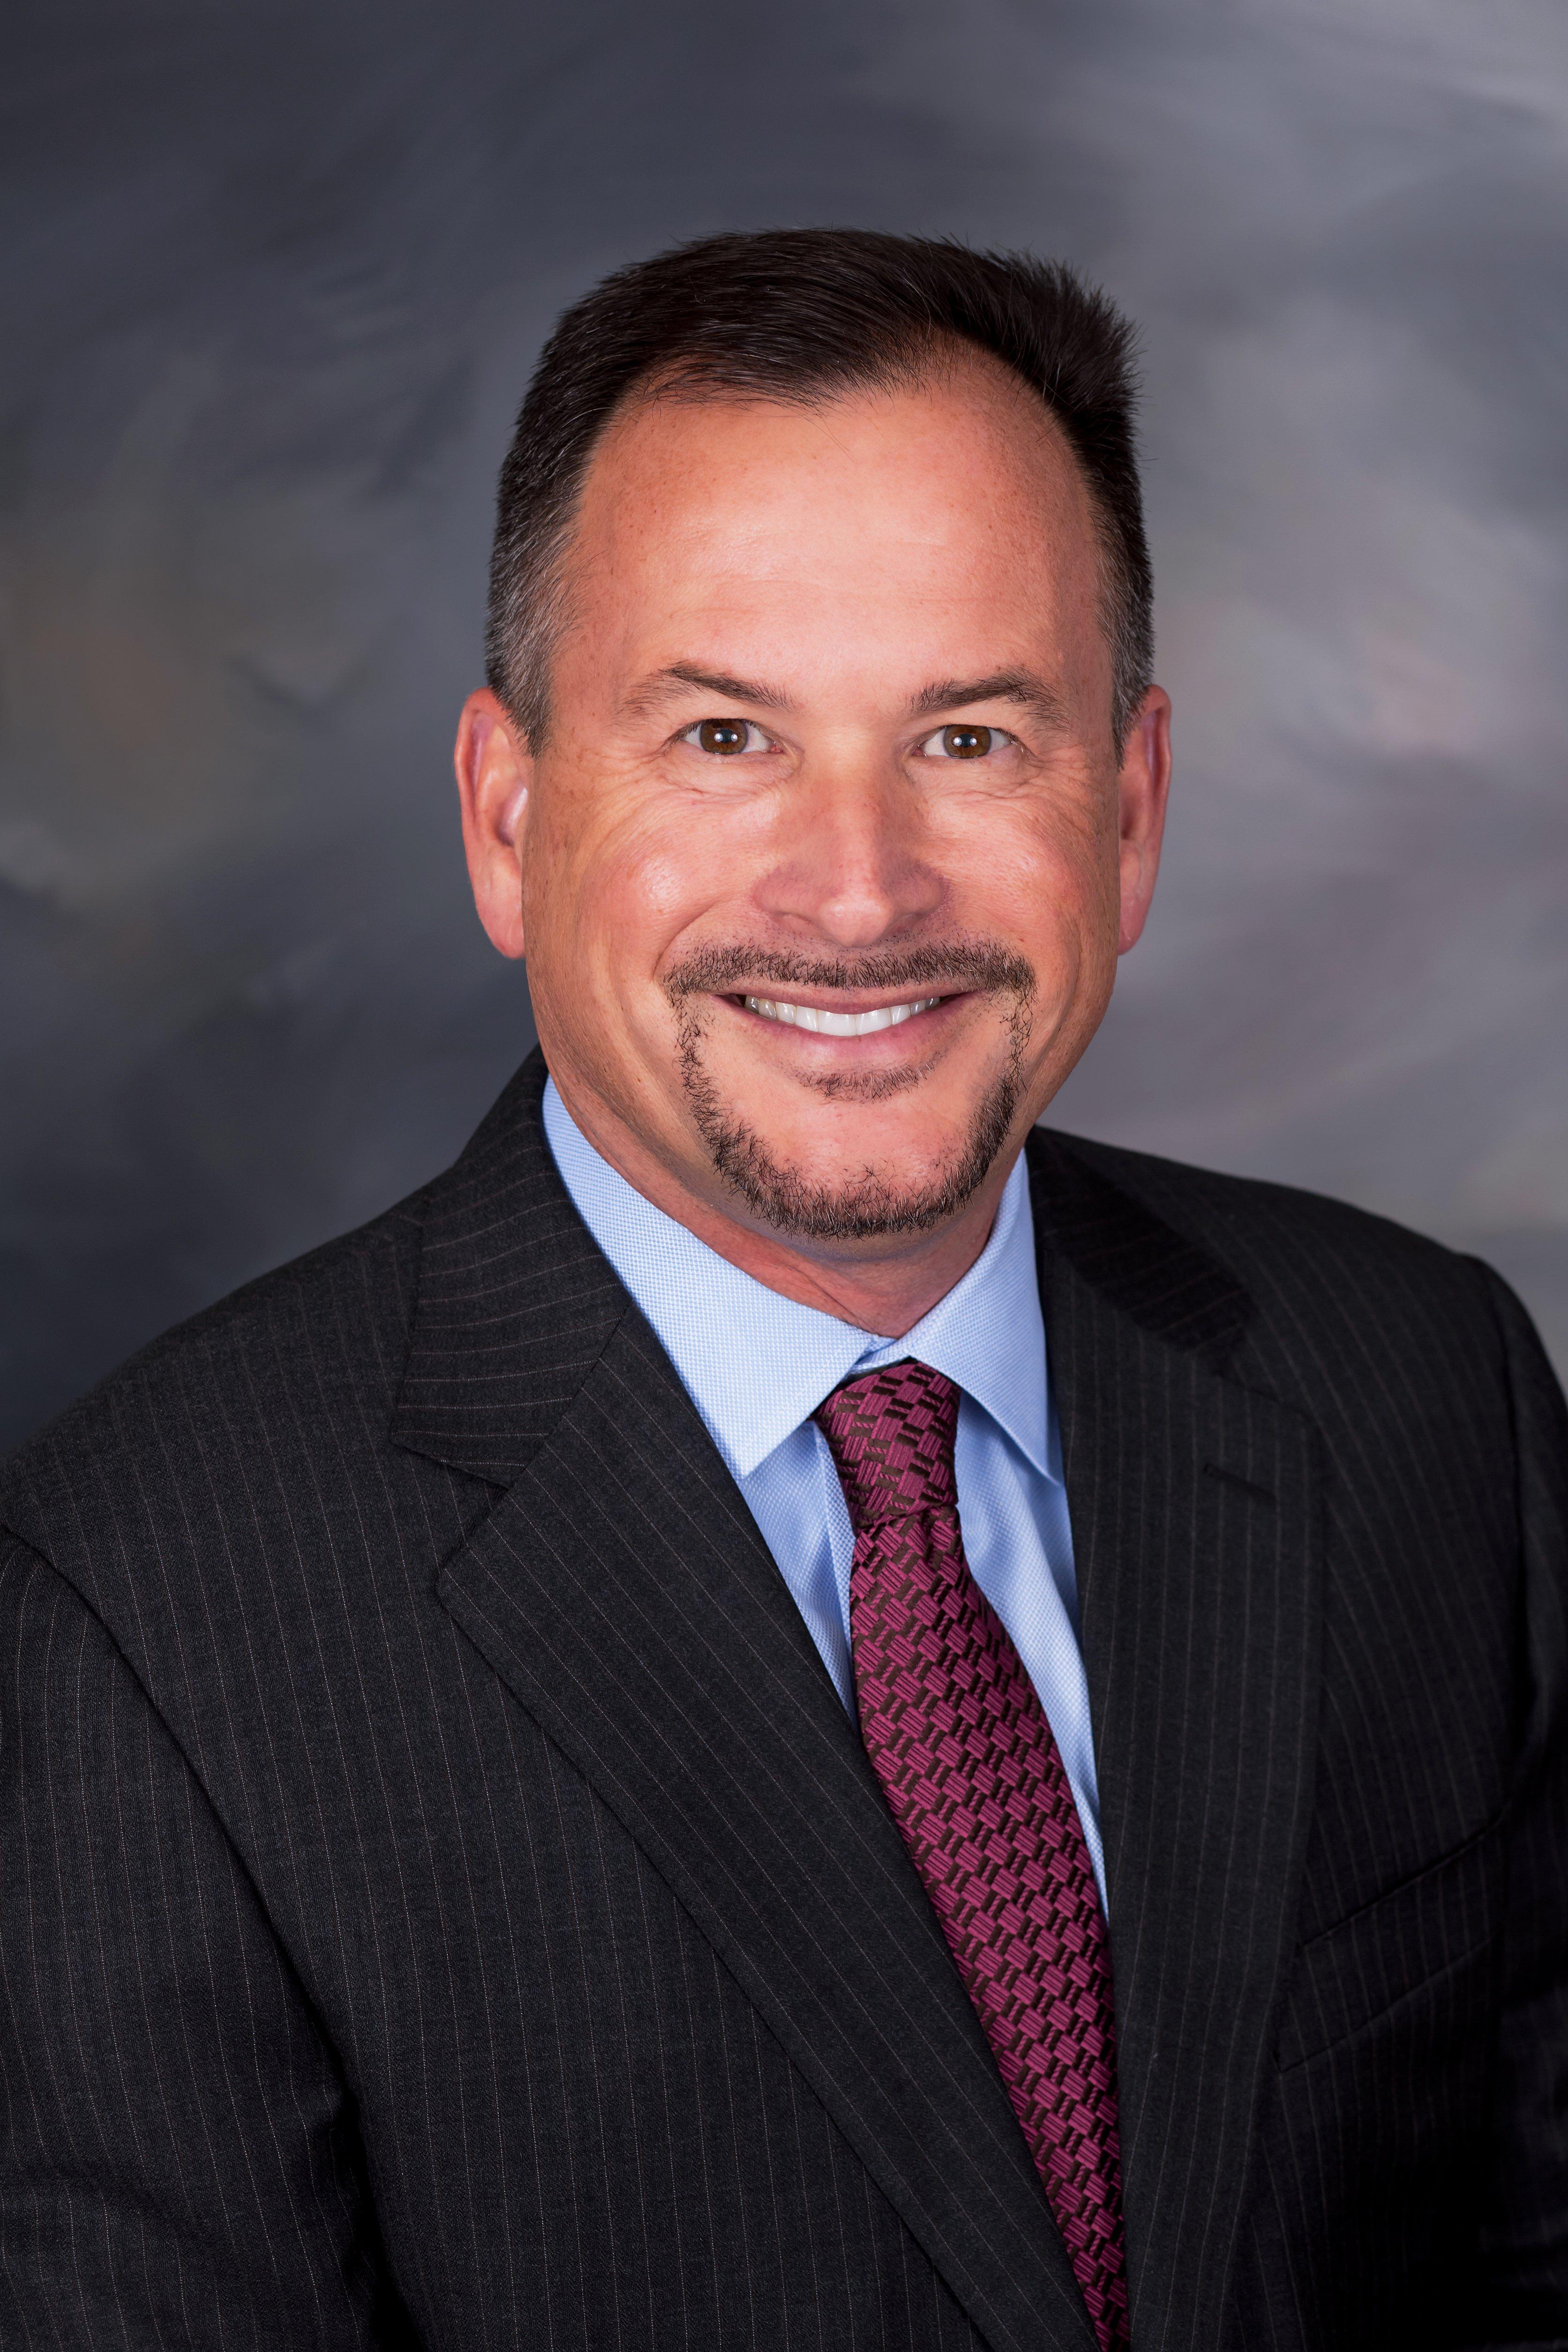 Bret L. Fisher, MD